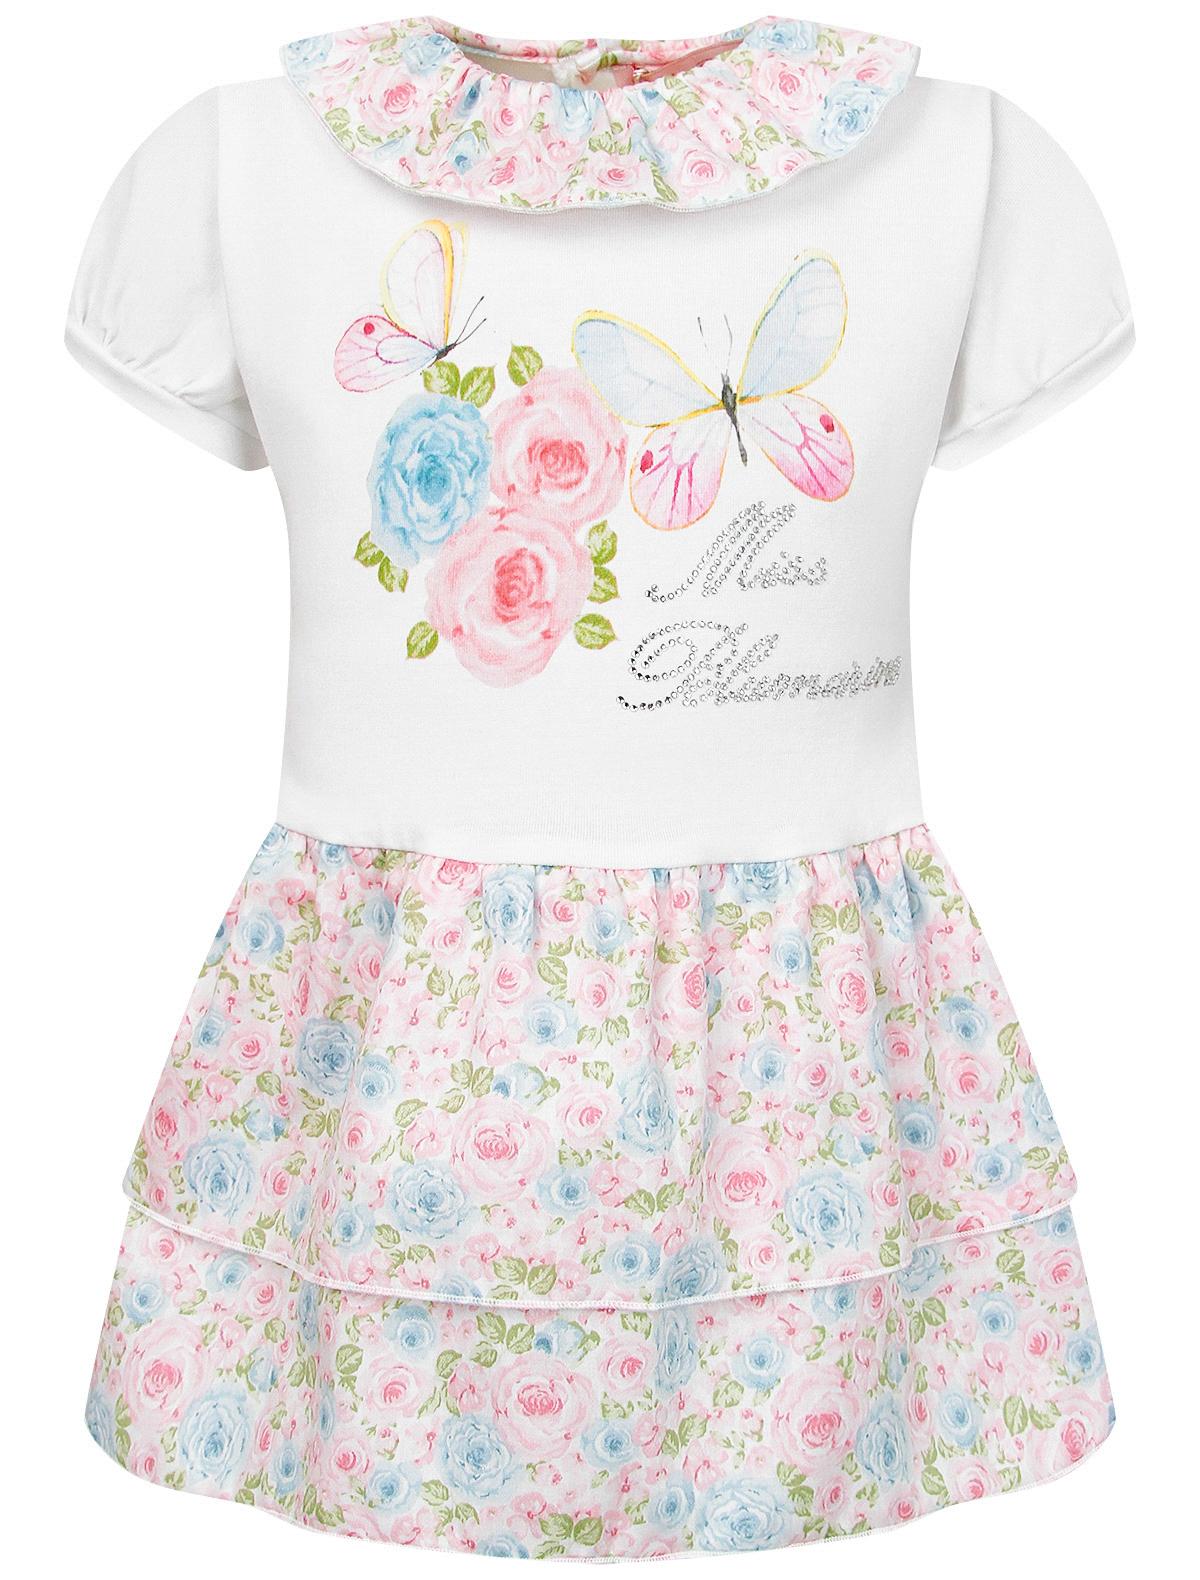 Платье Miss Blumarine цв. белый/розовый/голубой, р. 74